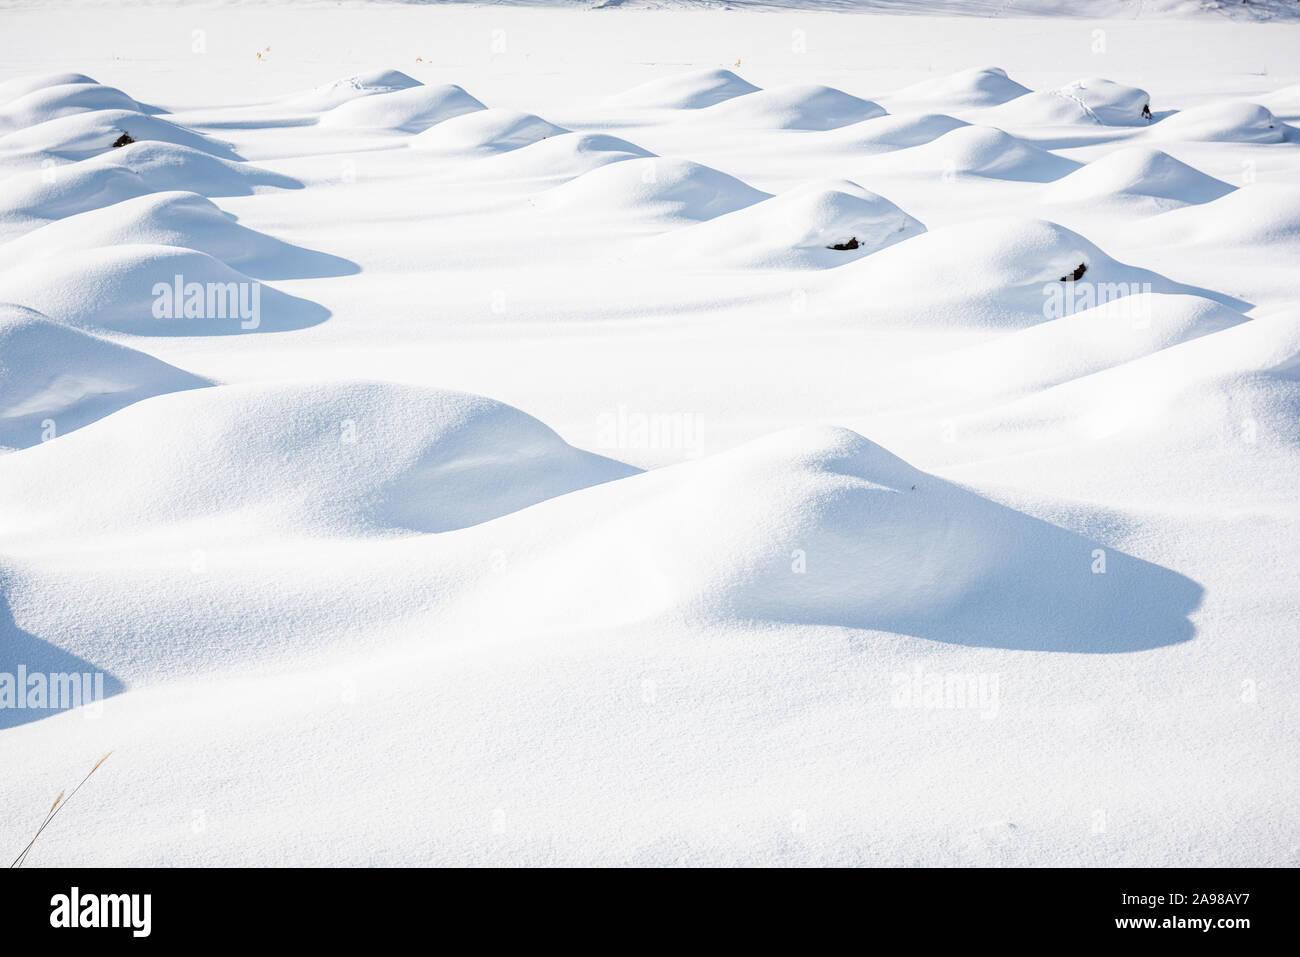 Dunes de neige pour les récoltes de Biei, Hokkaido, Japon pendant la saison d'hiver. Banque D'Images